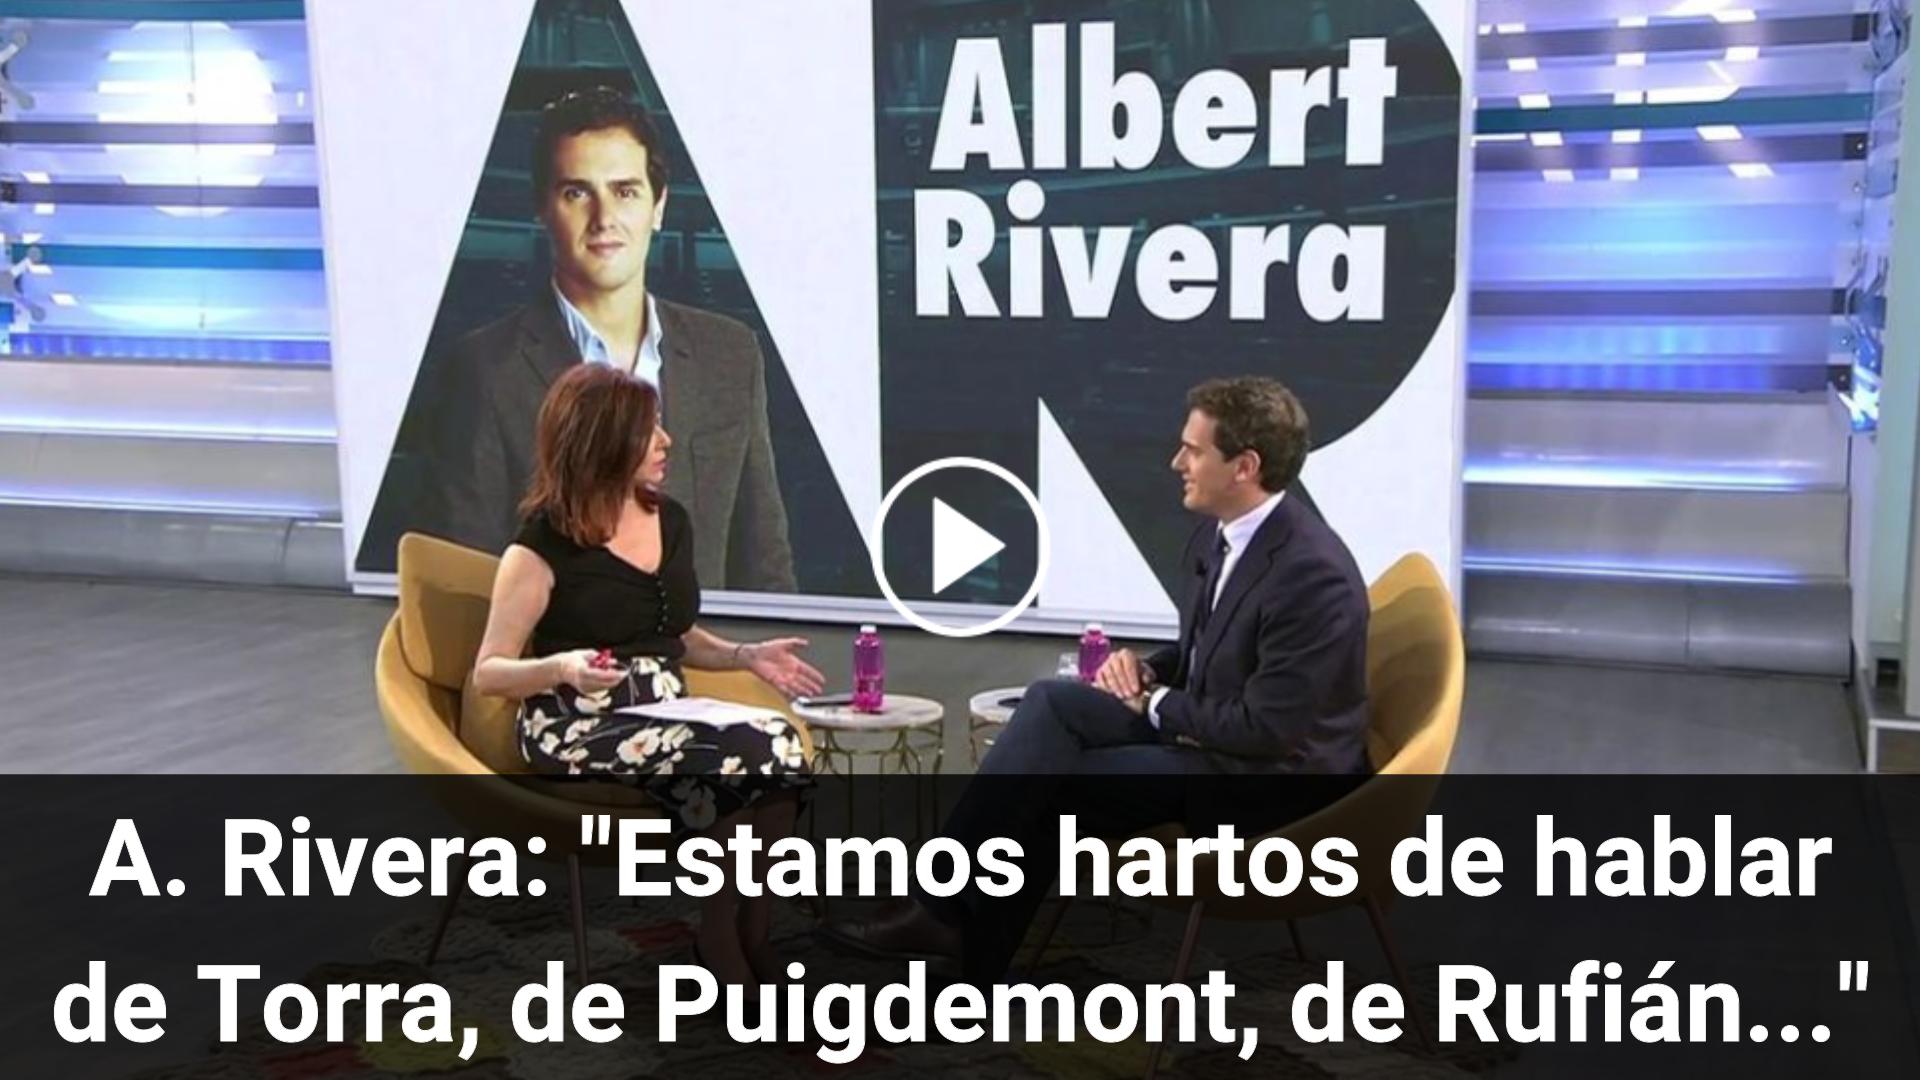 Albert Rivera está «harto de hablar de Torra, de Puigdemont y de Rufián»